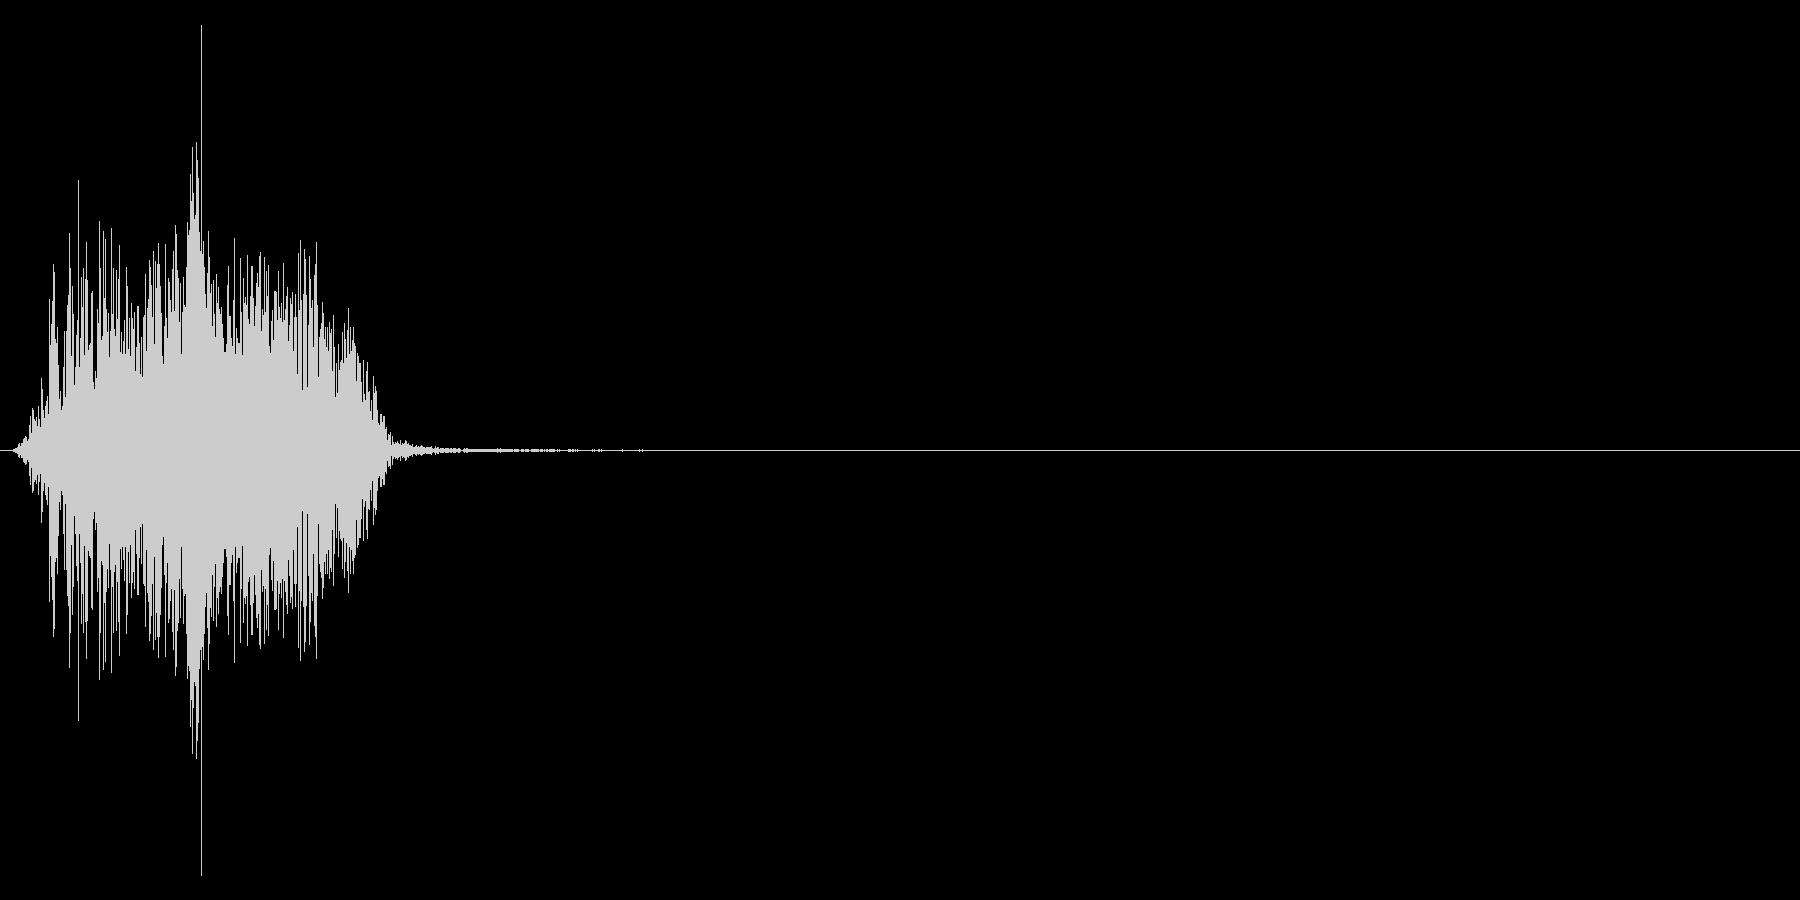 ジッパー、ファスナーを閉じる音1-3の未再生の波形